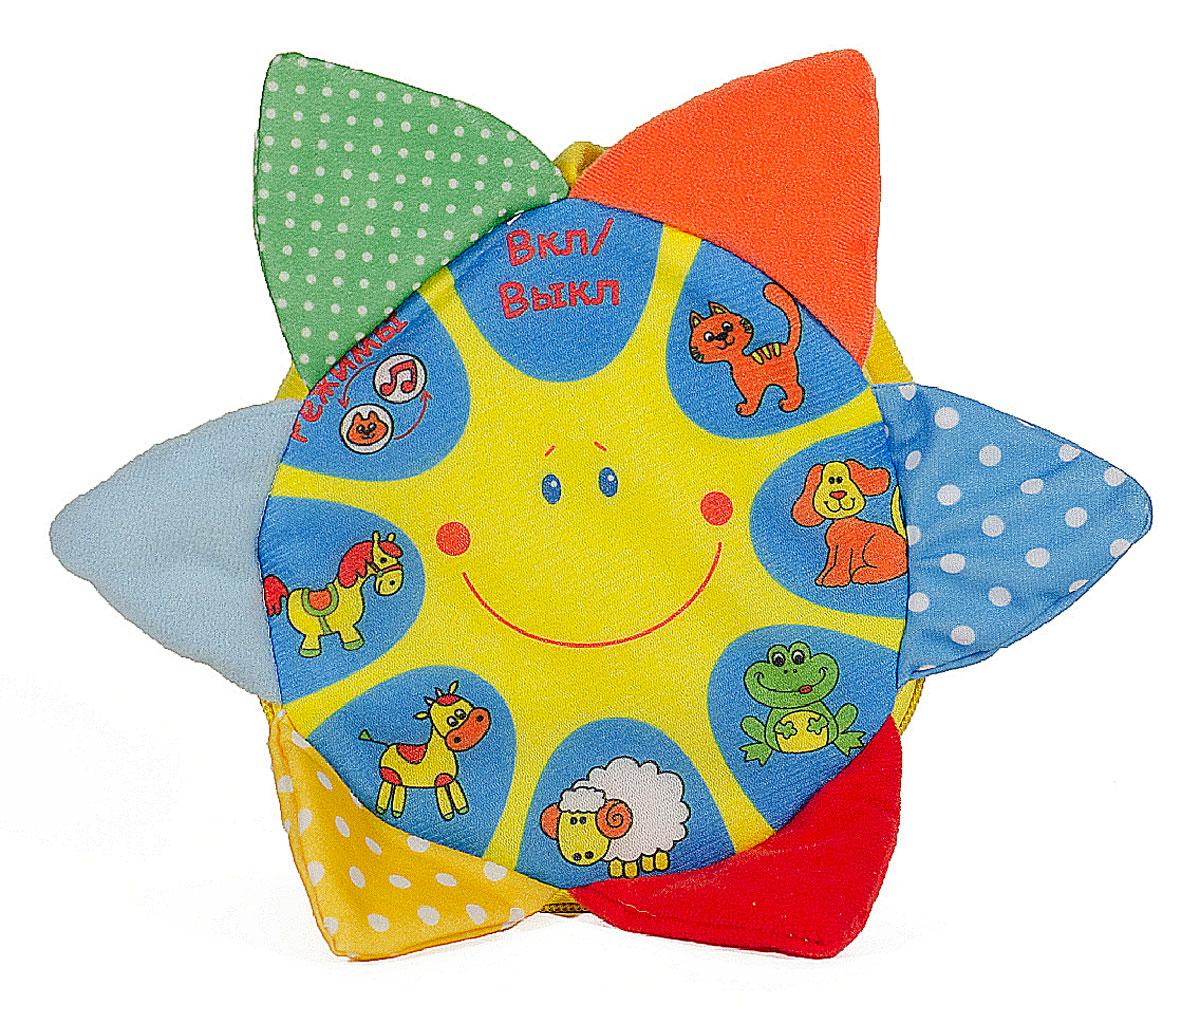 Mommy Love Развивающая игрушка Музыкальное солнышкоMUS0\MРазвивающая игрушка Музыкальное солнышко выполнена в виде мягкого солнышка с разноцветными треугольными лучами. Лучики издают шелест, что усиливают тактильное восприятие ребенка. Игрушка имеет 2 режима работы. Первый - при нажатии на картинку с животным, ребенок услышит звук, издаваемый этим животным. Второй режим - вместе со звуком животного звучит музыка. Солнышко имеет зеркальце с обратной стороны. Игрушка может использоваться, как подвеска. Благодаря длинным текстильным завязкам игрушка легко крепится к кроватке или коляске. Яркие цвета игрушки направлены на развитие мыслительной деятельности, цветового восприятия, тактильных ощущений, мелкой моторики рук ребенка и развития слухового аппарата. Для работы требуются 3 батарейки типа ААА (комплектуется демонстрационными).